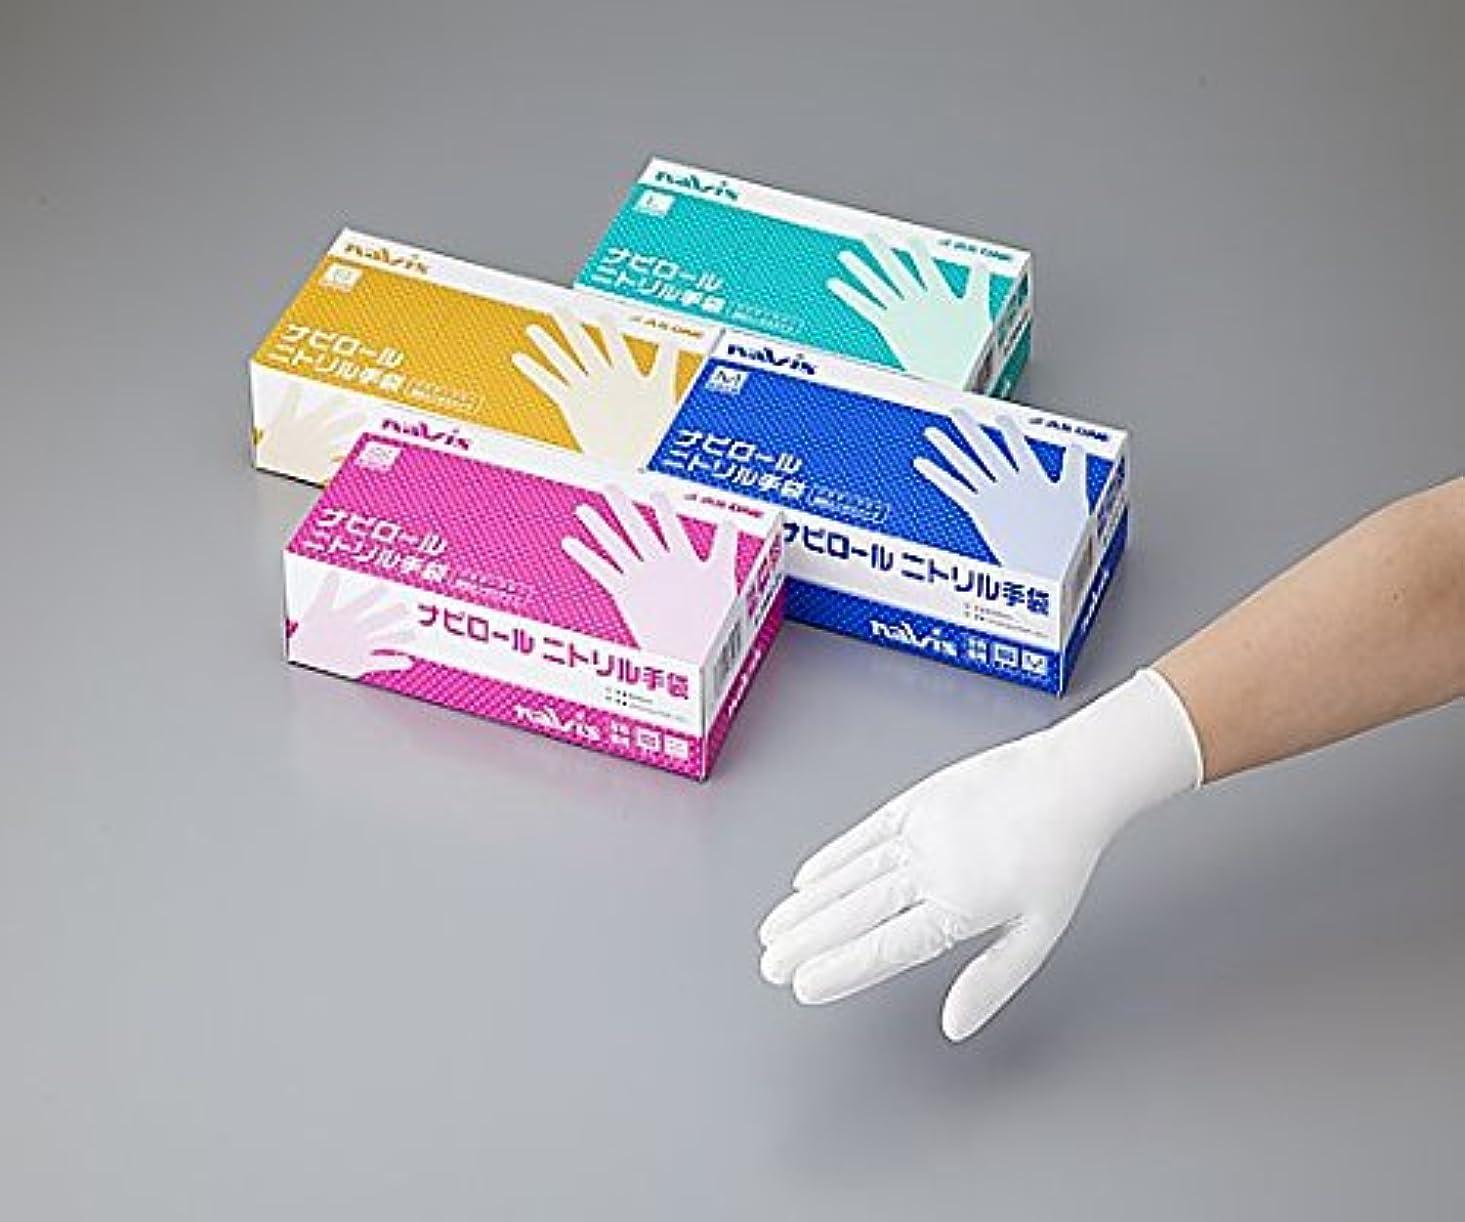 盲信ルールまだらナビス(アズワン)8-2584-04ナビロールニトリル手袋ホワイトSS